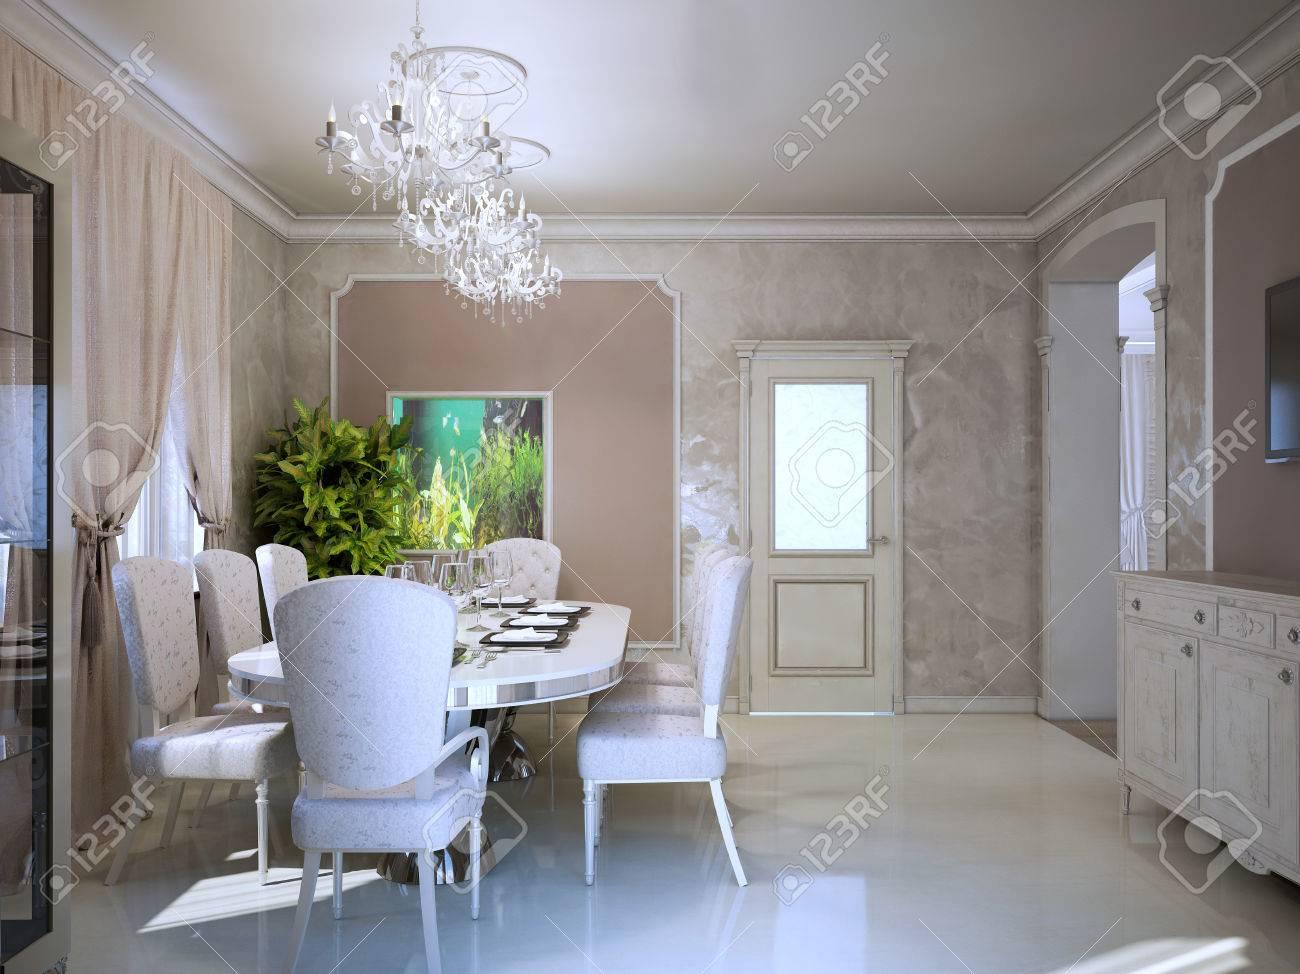 Helle Unter Der Modernen Wohnzimmer Im Retro-Stil. Art-Deco-weiße ...